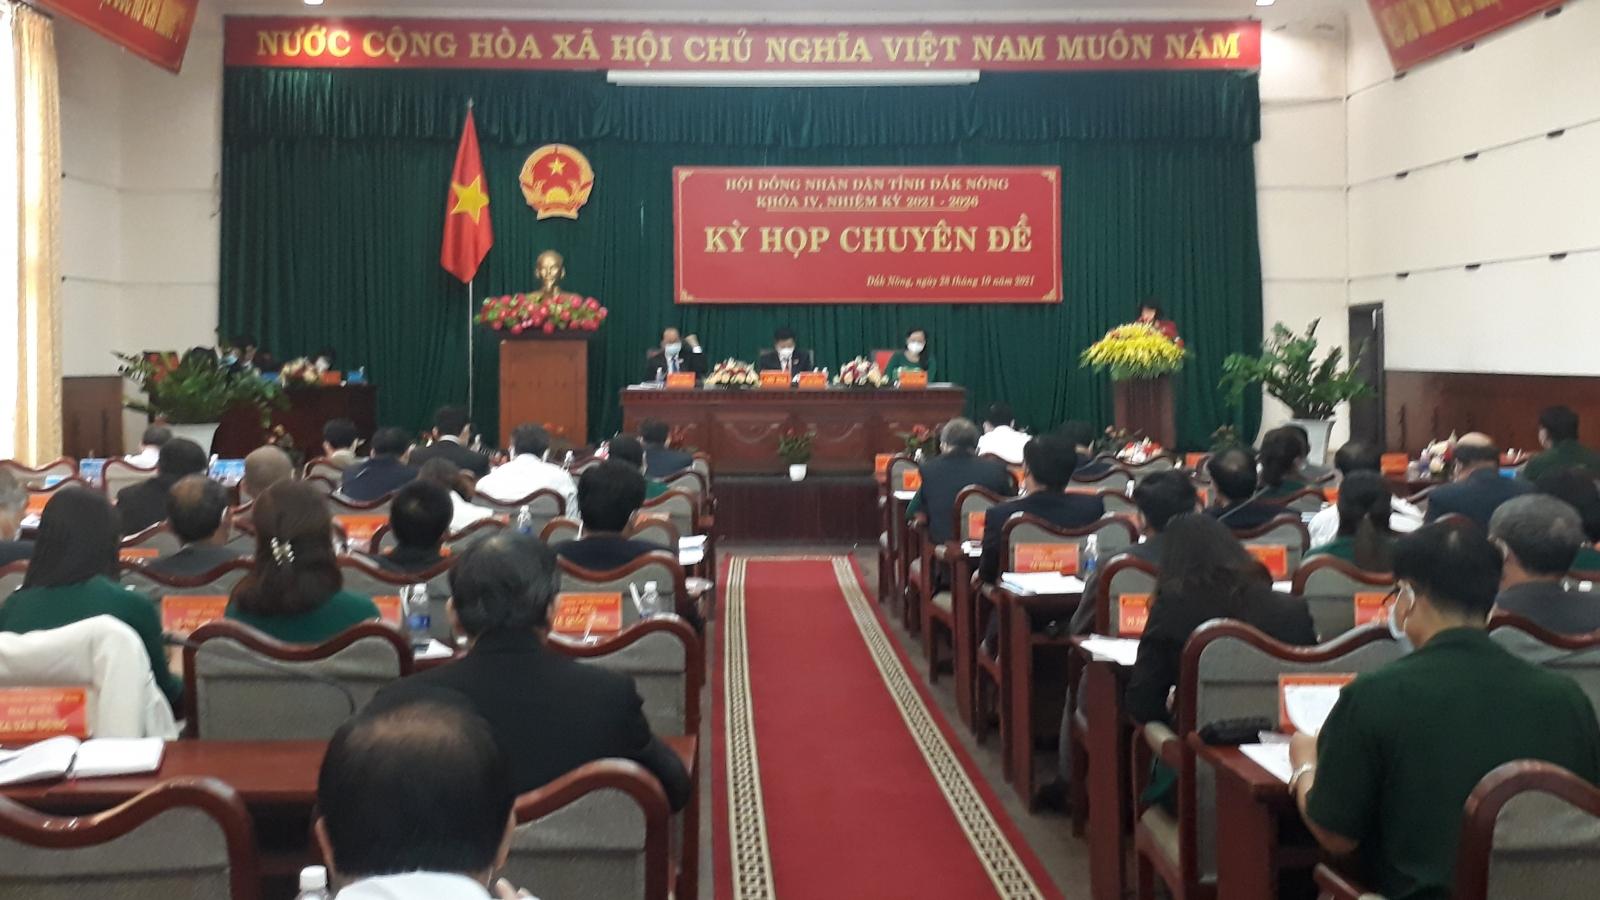 HĐND tỉnh Đắk Nông chuyển 640 ha đất ra ngoài quy hoạch rừng để cấp sổ đỏ cho dân